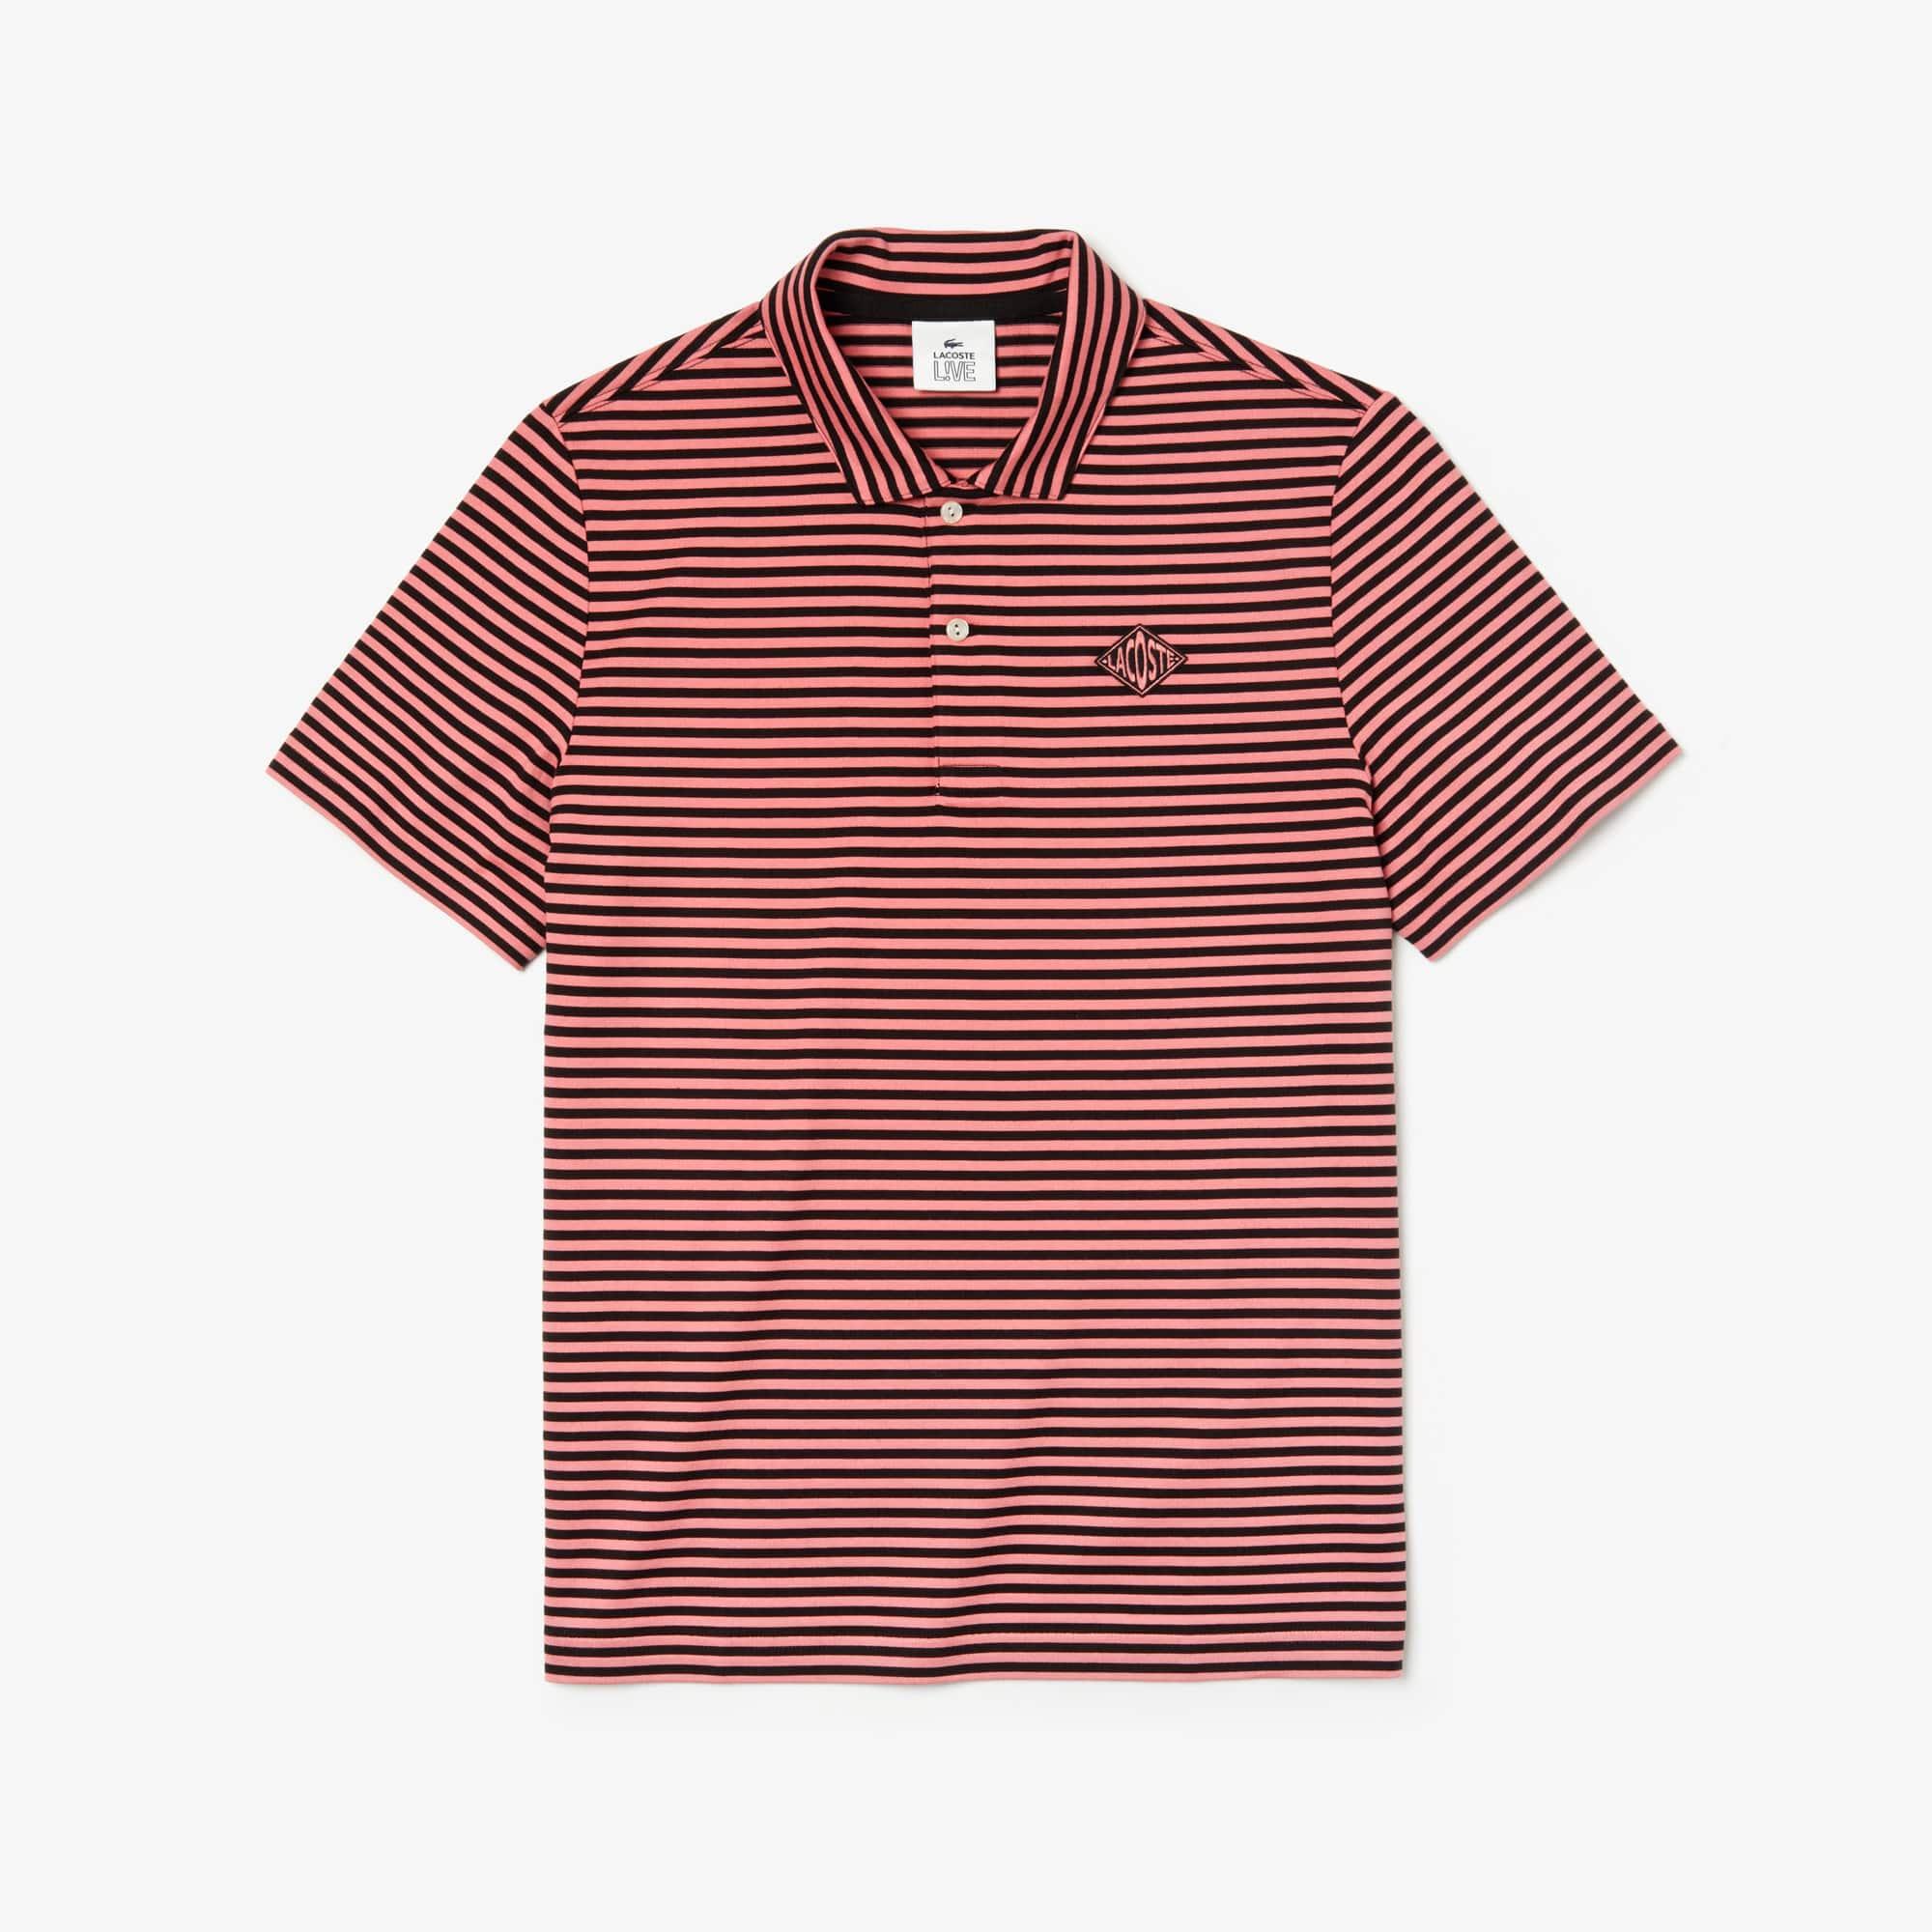 f3439e30c3 Men's Lacoste LIVE Regular Fit Diamond Badge Striped Cotton Polo ...